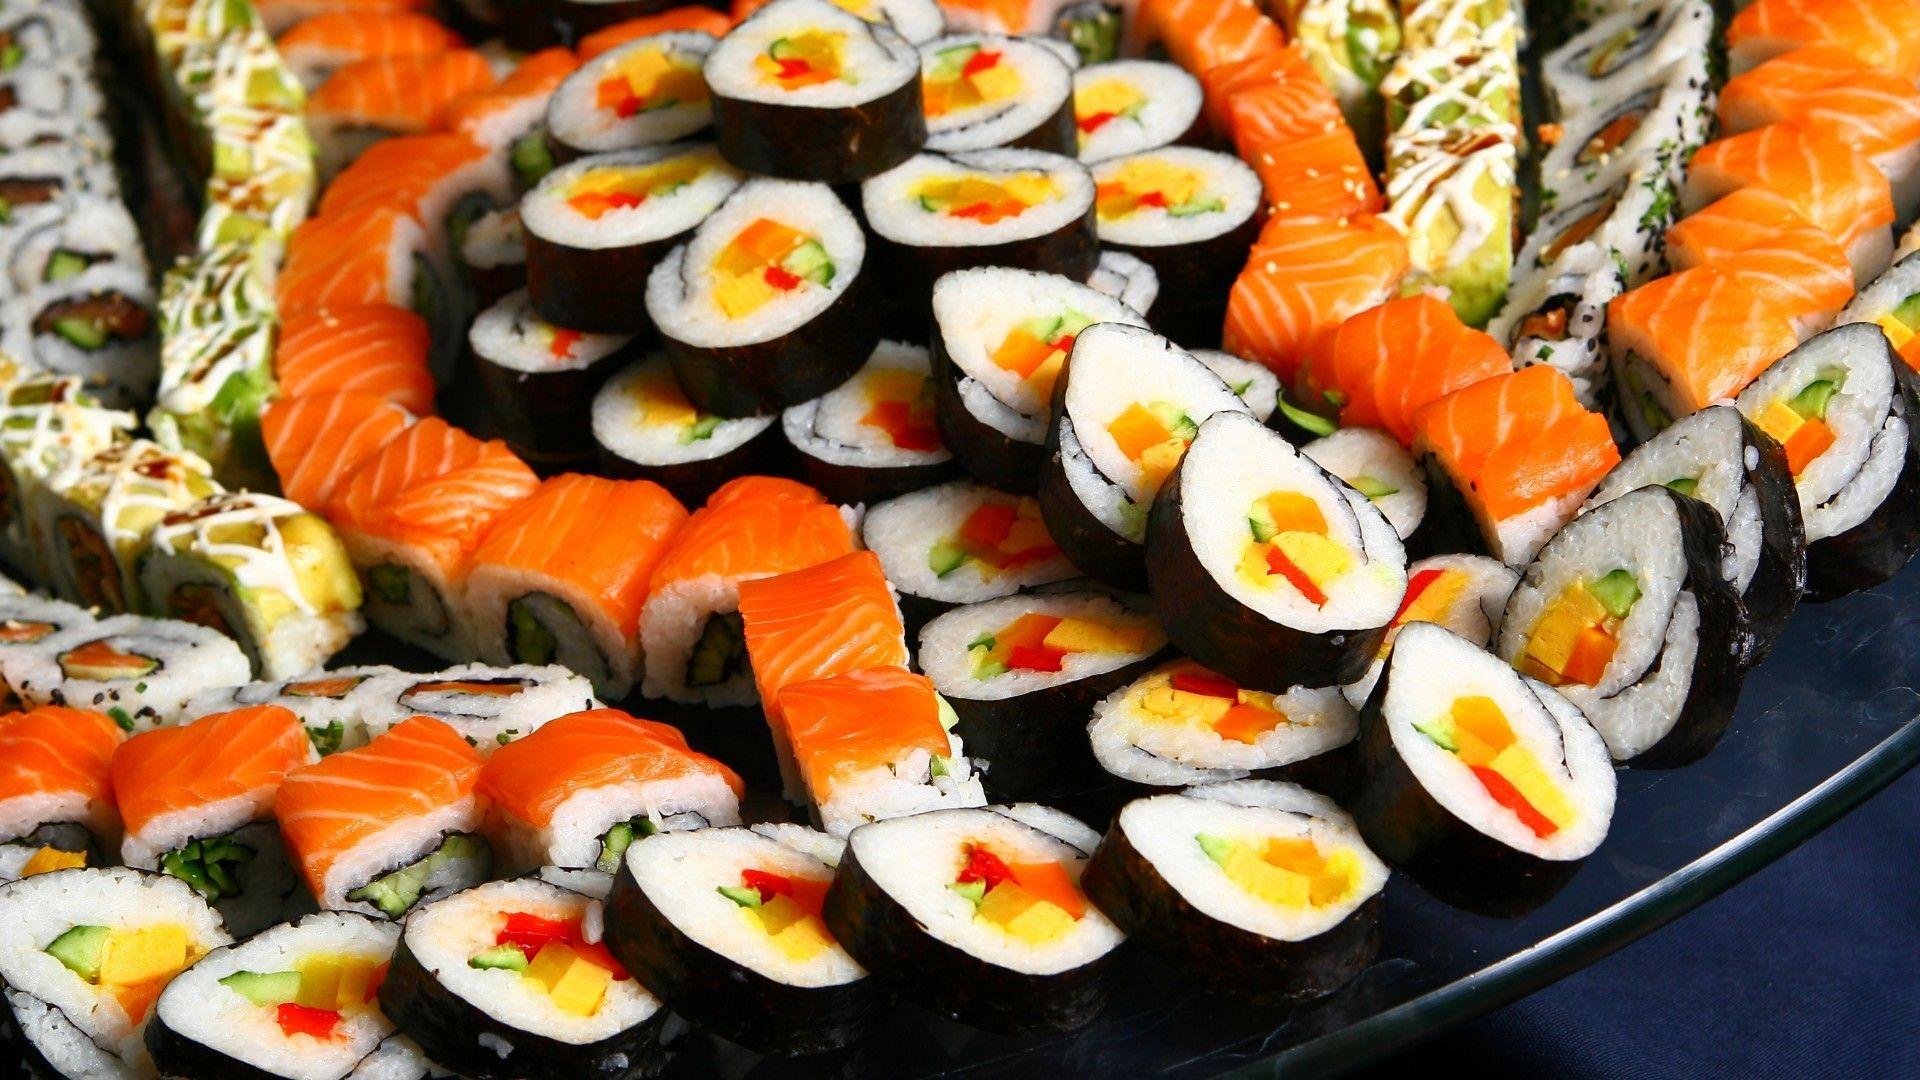 sushi background images